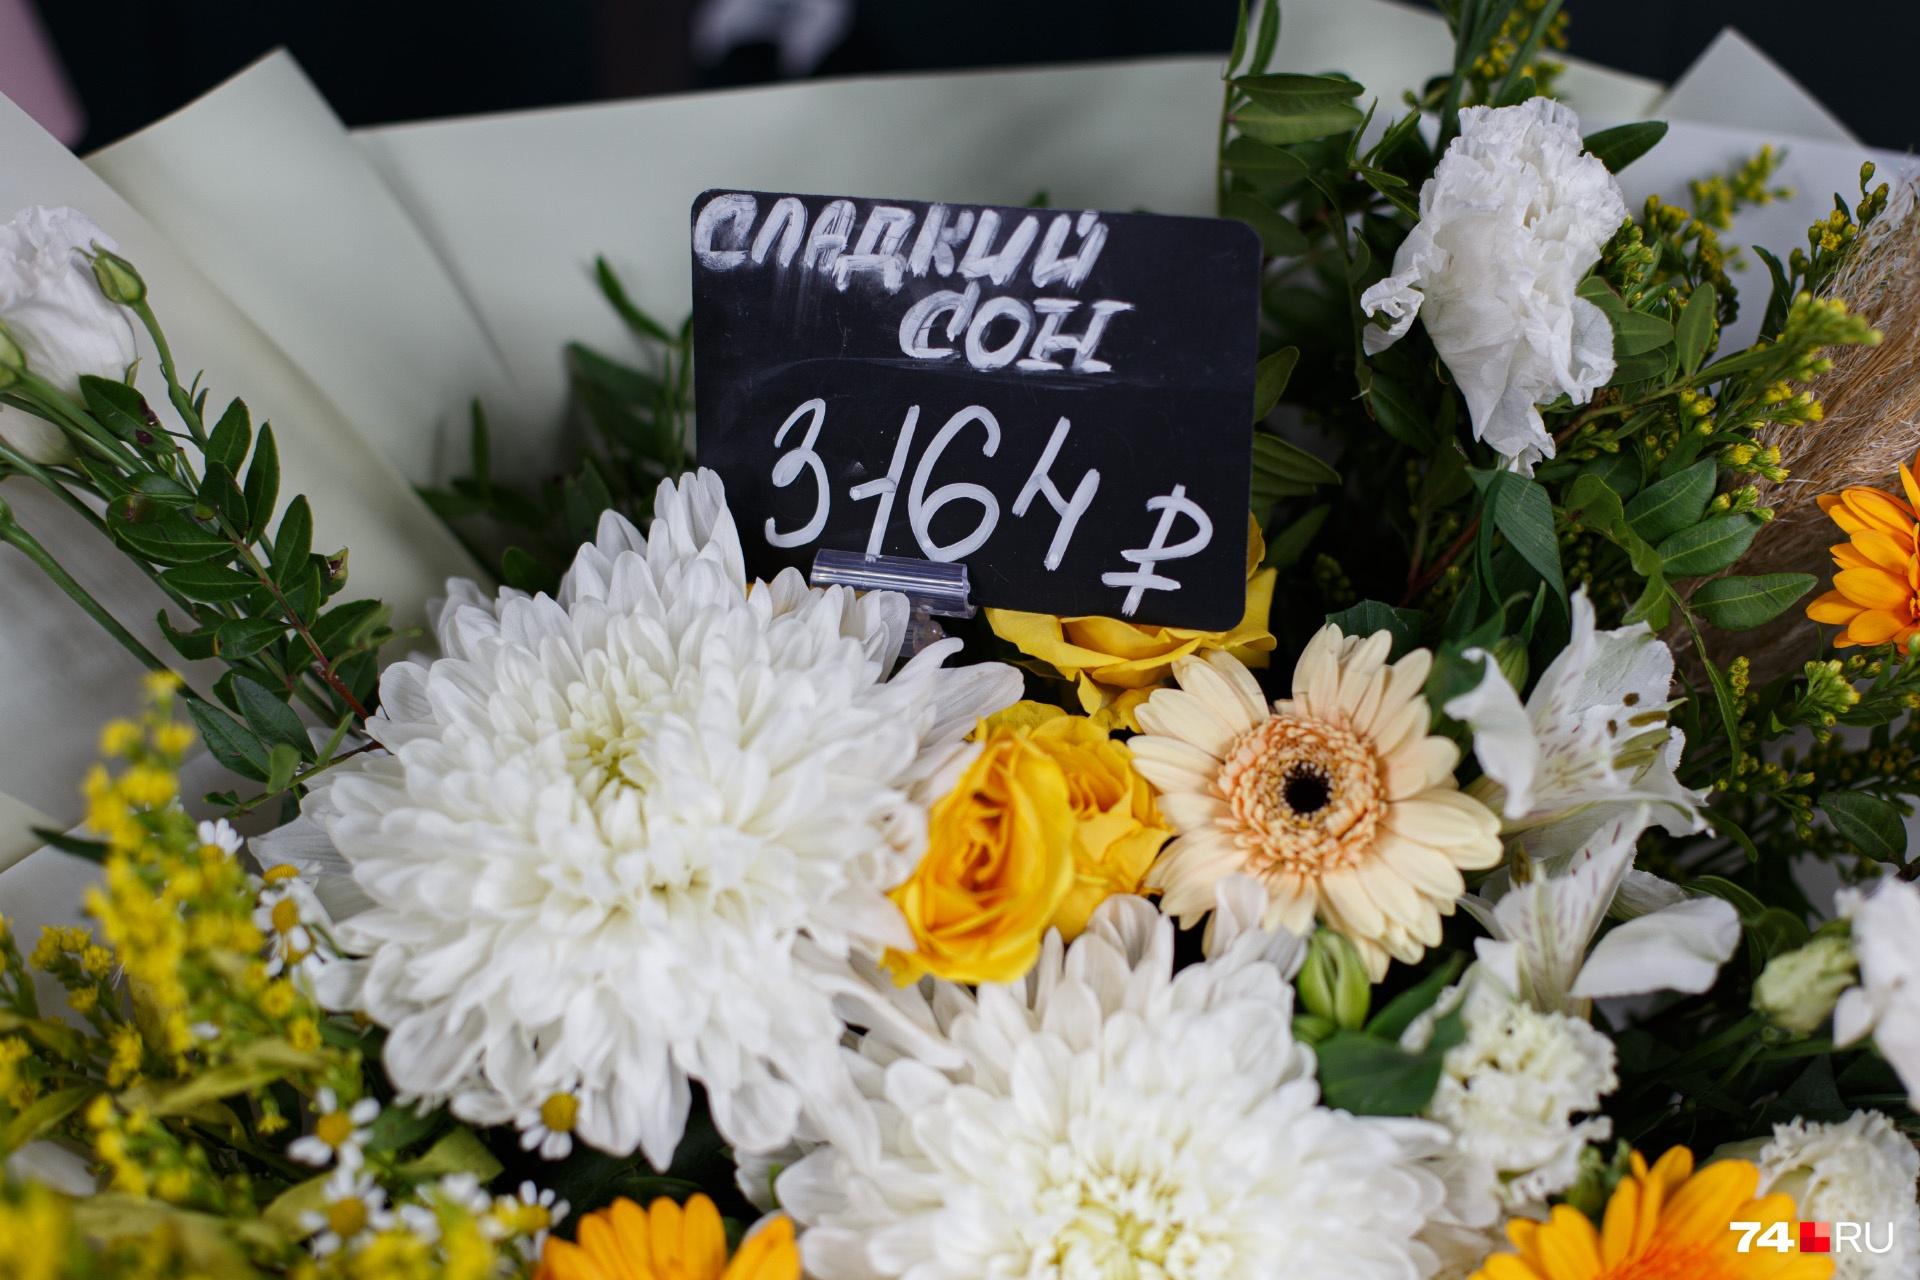 Стоимость покупаемых букетов разная — от нескольких сотен до нескольких тысяч рублей